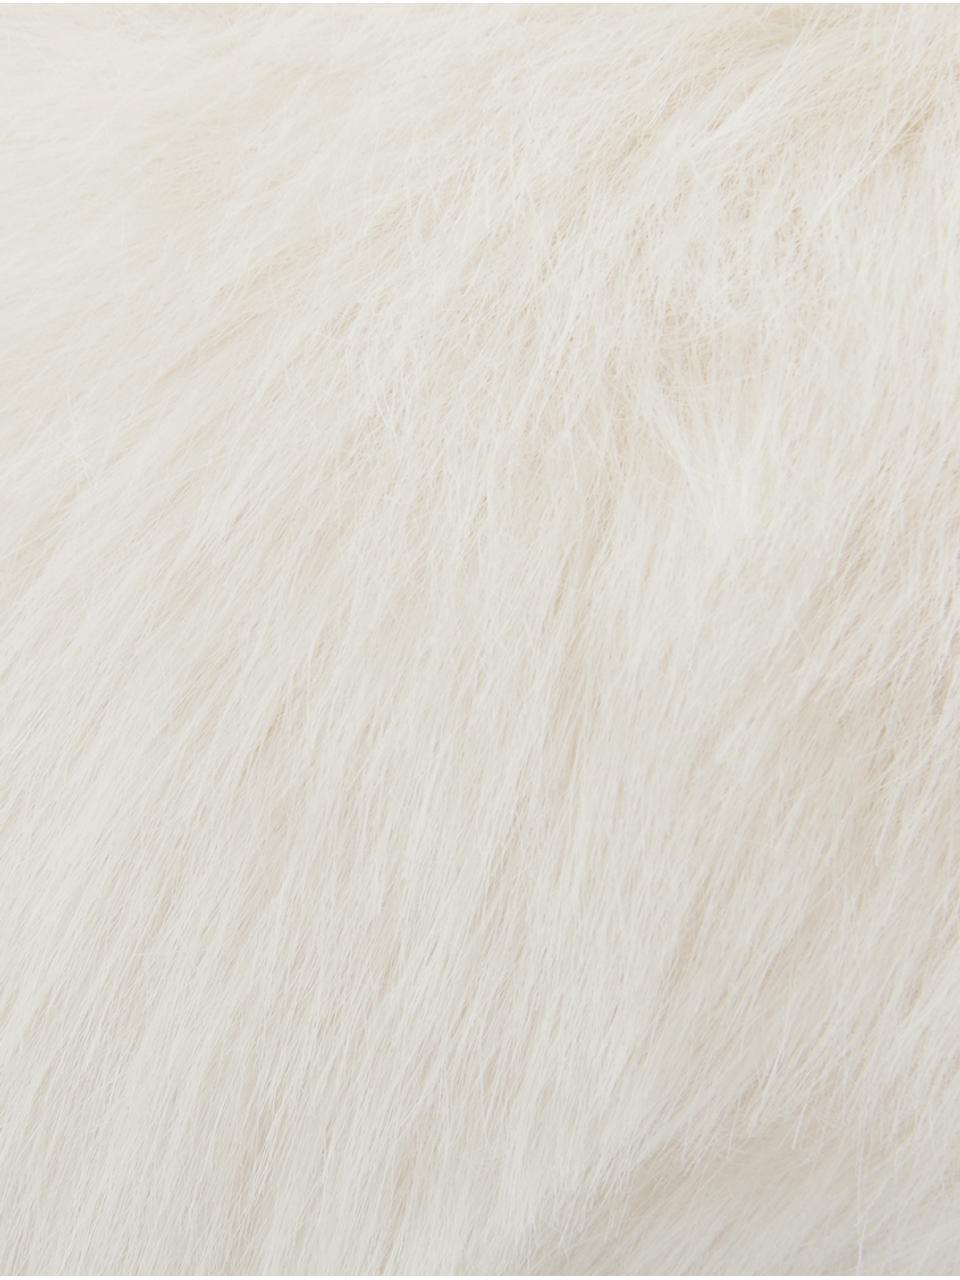 Flauschige Kunstfell-Kissenhülle Mathilde in Creme, glatt, Vorderseite: 67% Akryl, 33% Polyester, Rückseite: 100% Polyester, Creme, 30 x 50 cm